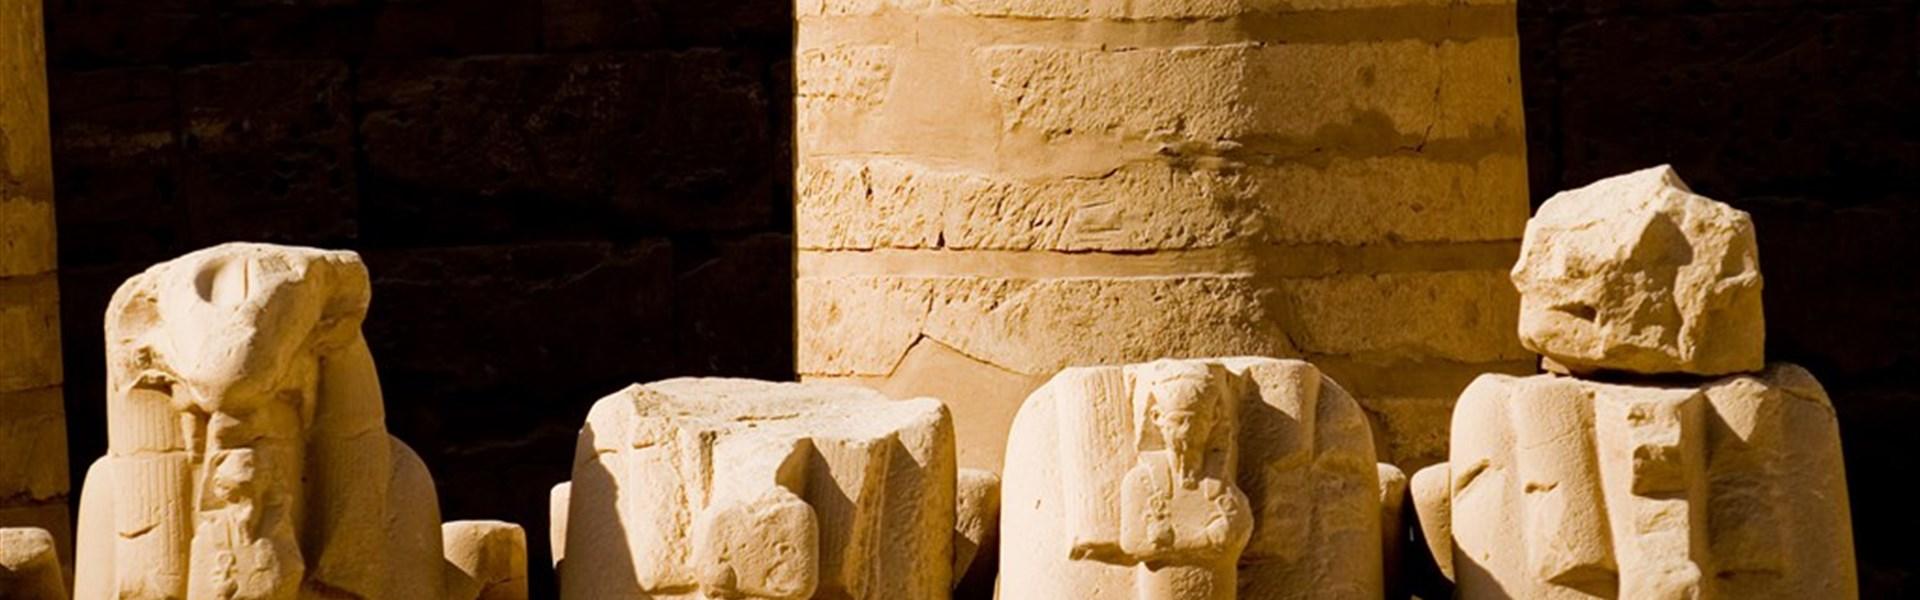 Plavba po Nilu s česky mluvícím průvodcem a pobyt u moře - chrám Karnak